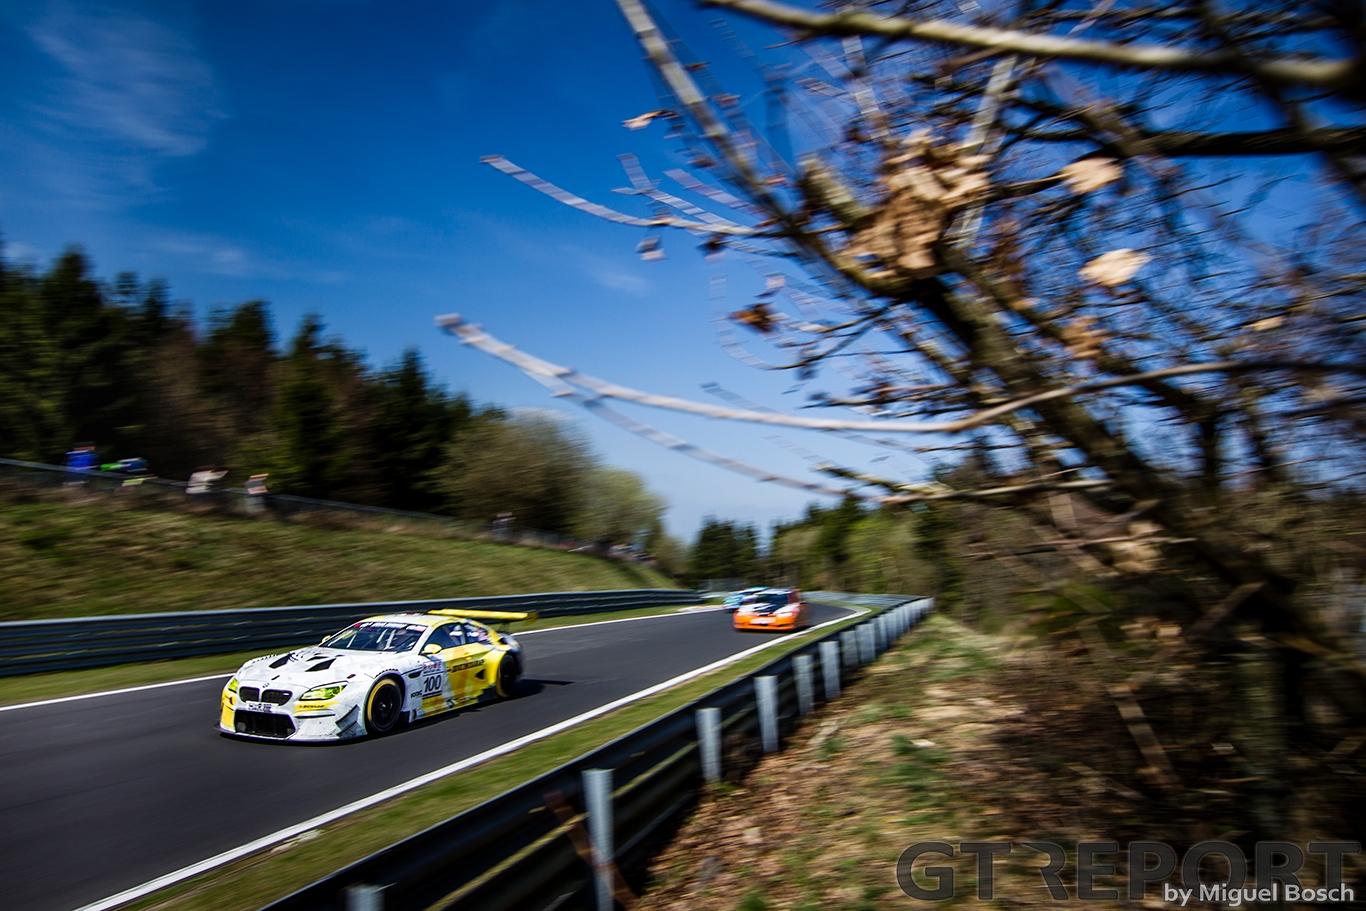 2017 VLN02 Christian Krognes 02 Miguel Bosch GT REPORT